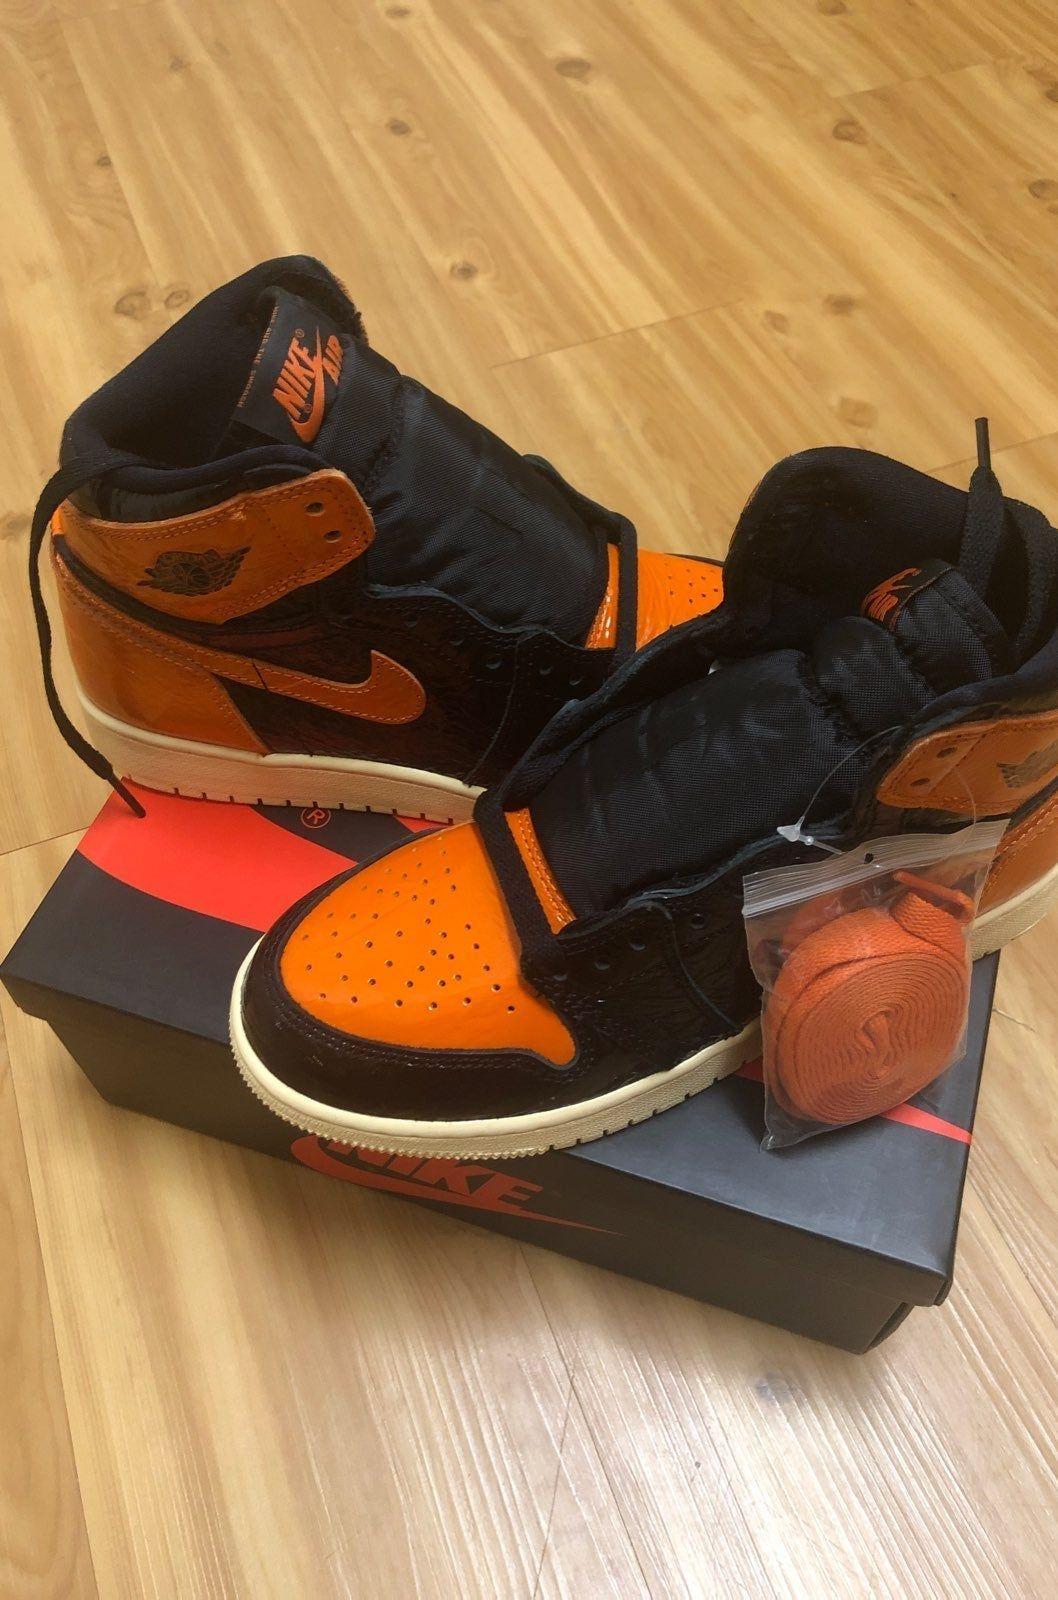 Brand New Never Worn Jordan 1 Shattered Backboard 3 0 From